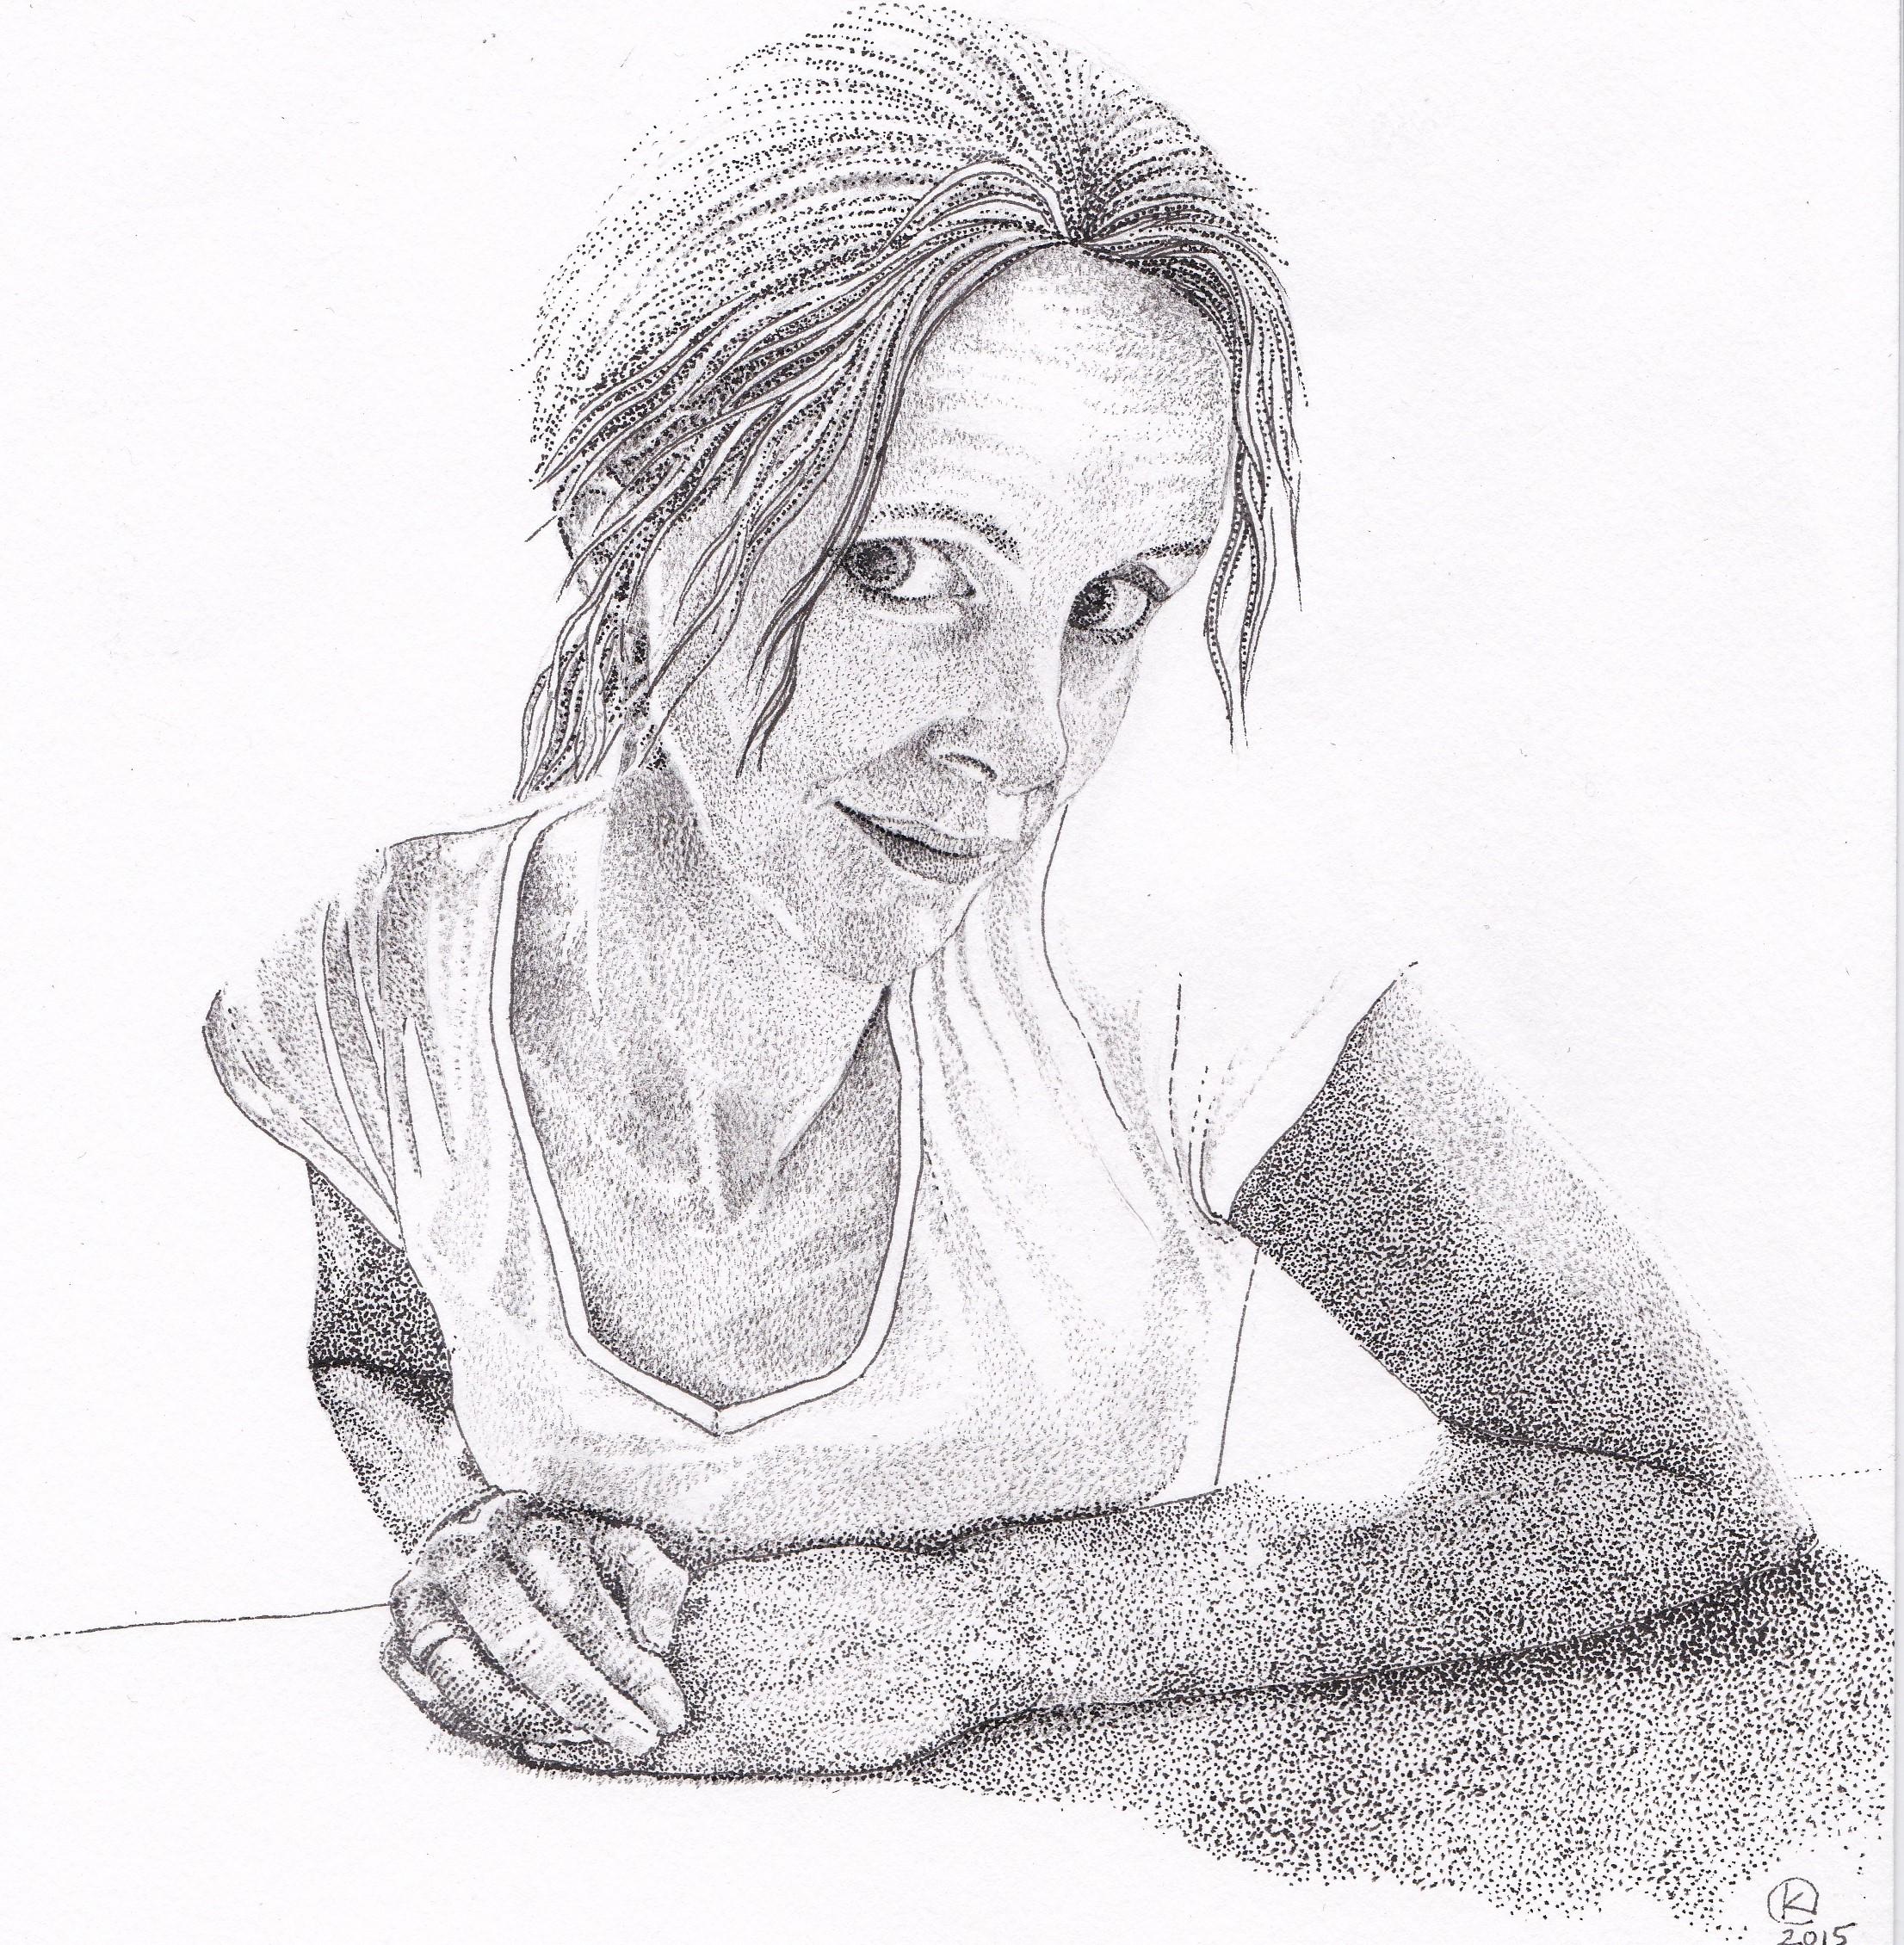 Pentekening - zelfportret - 'veertig' 20 x 20 cm